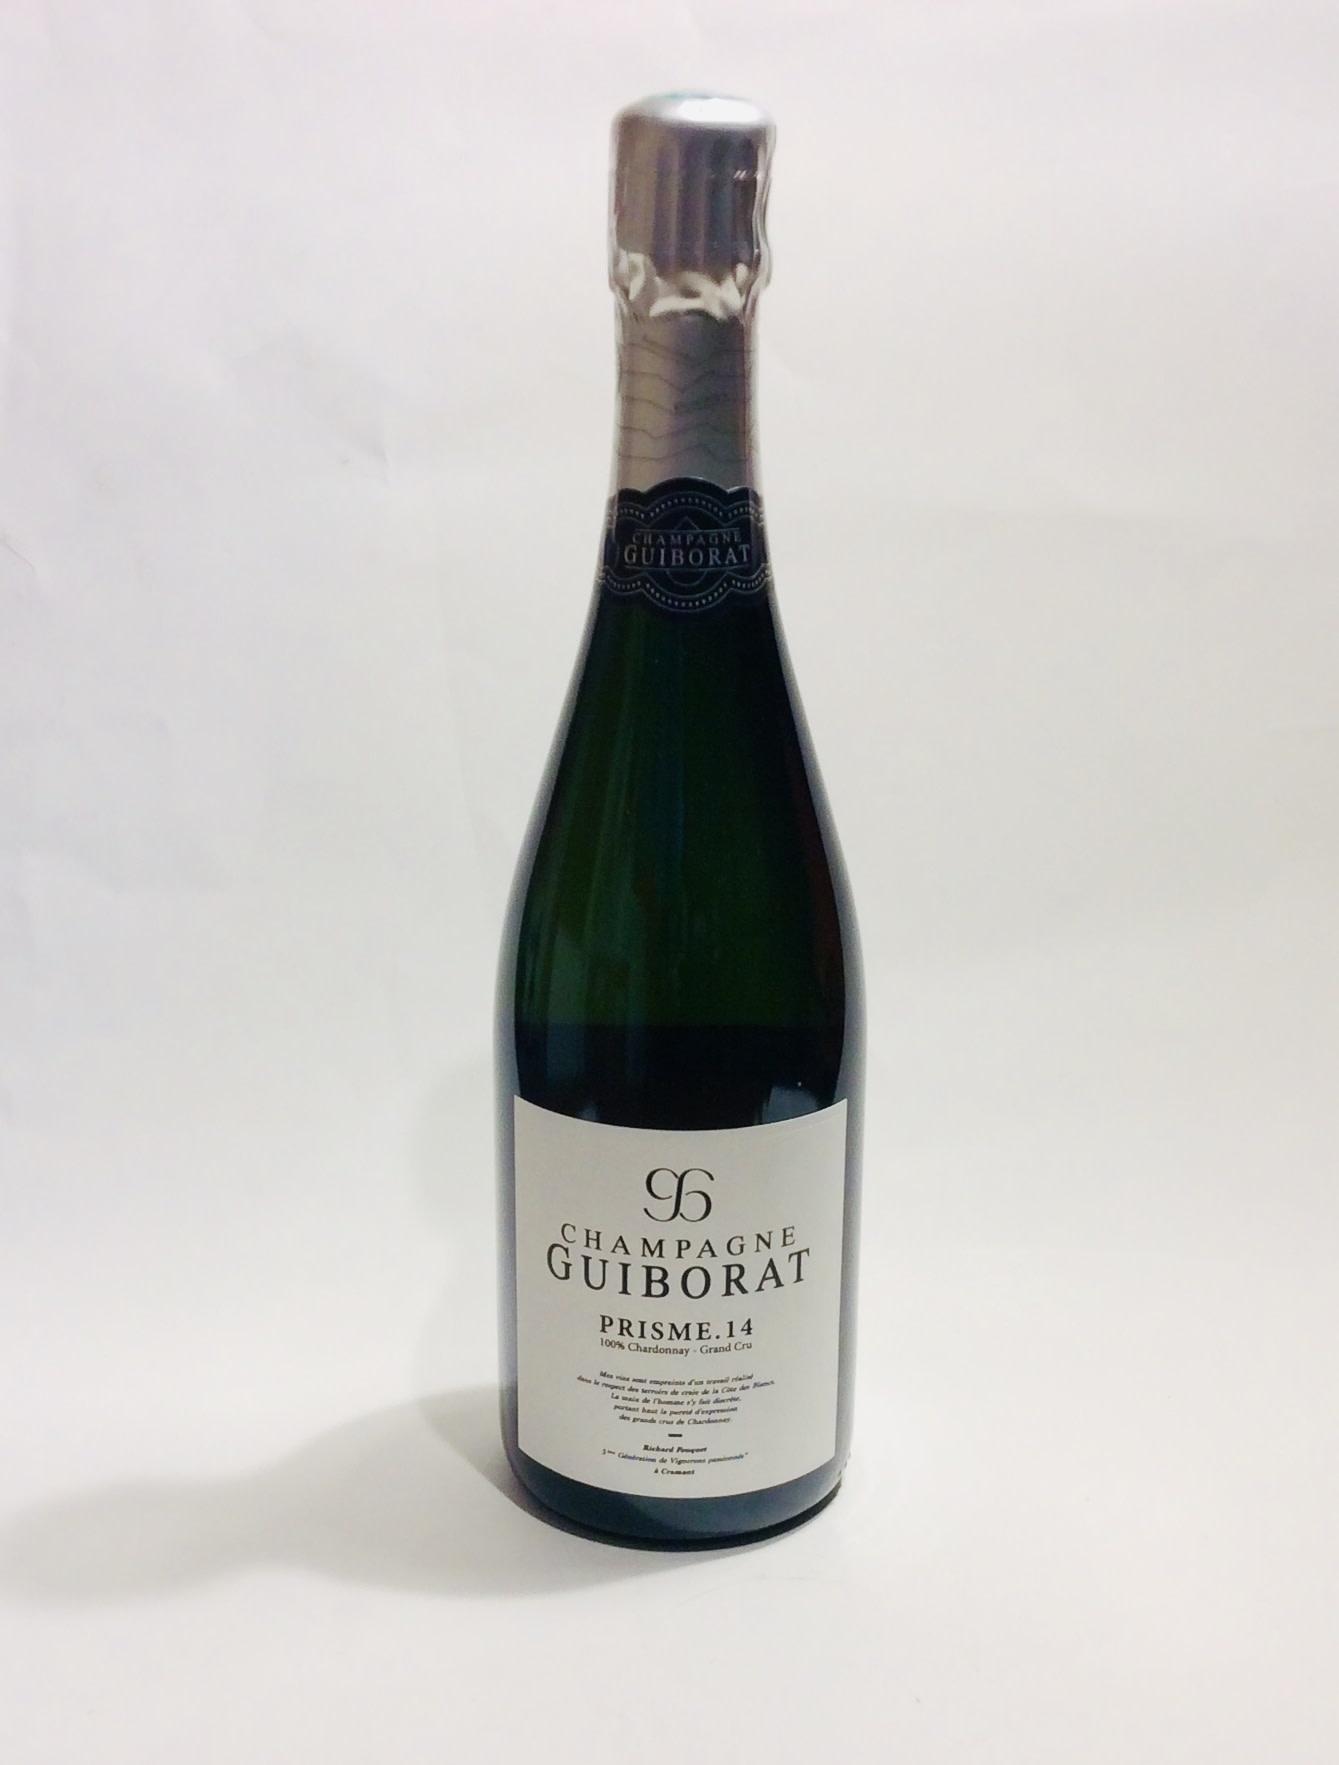 Champagne Guiborat - Gr Cru Extra Brut Prisme NV (750 ml)